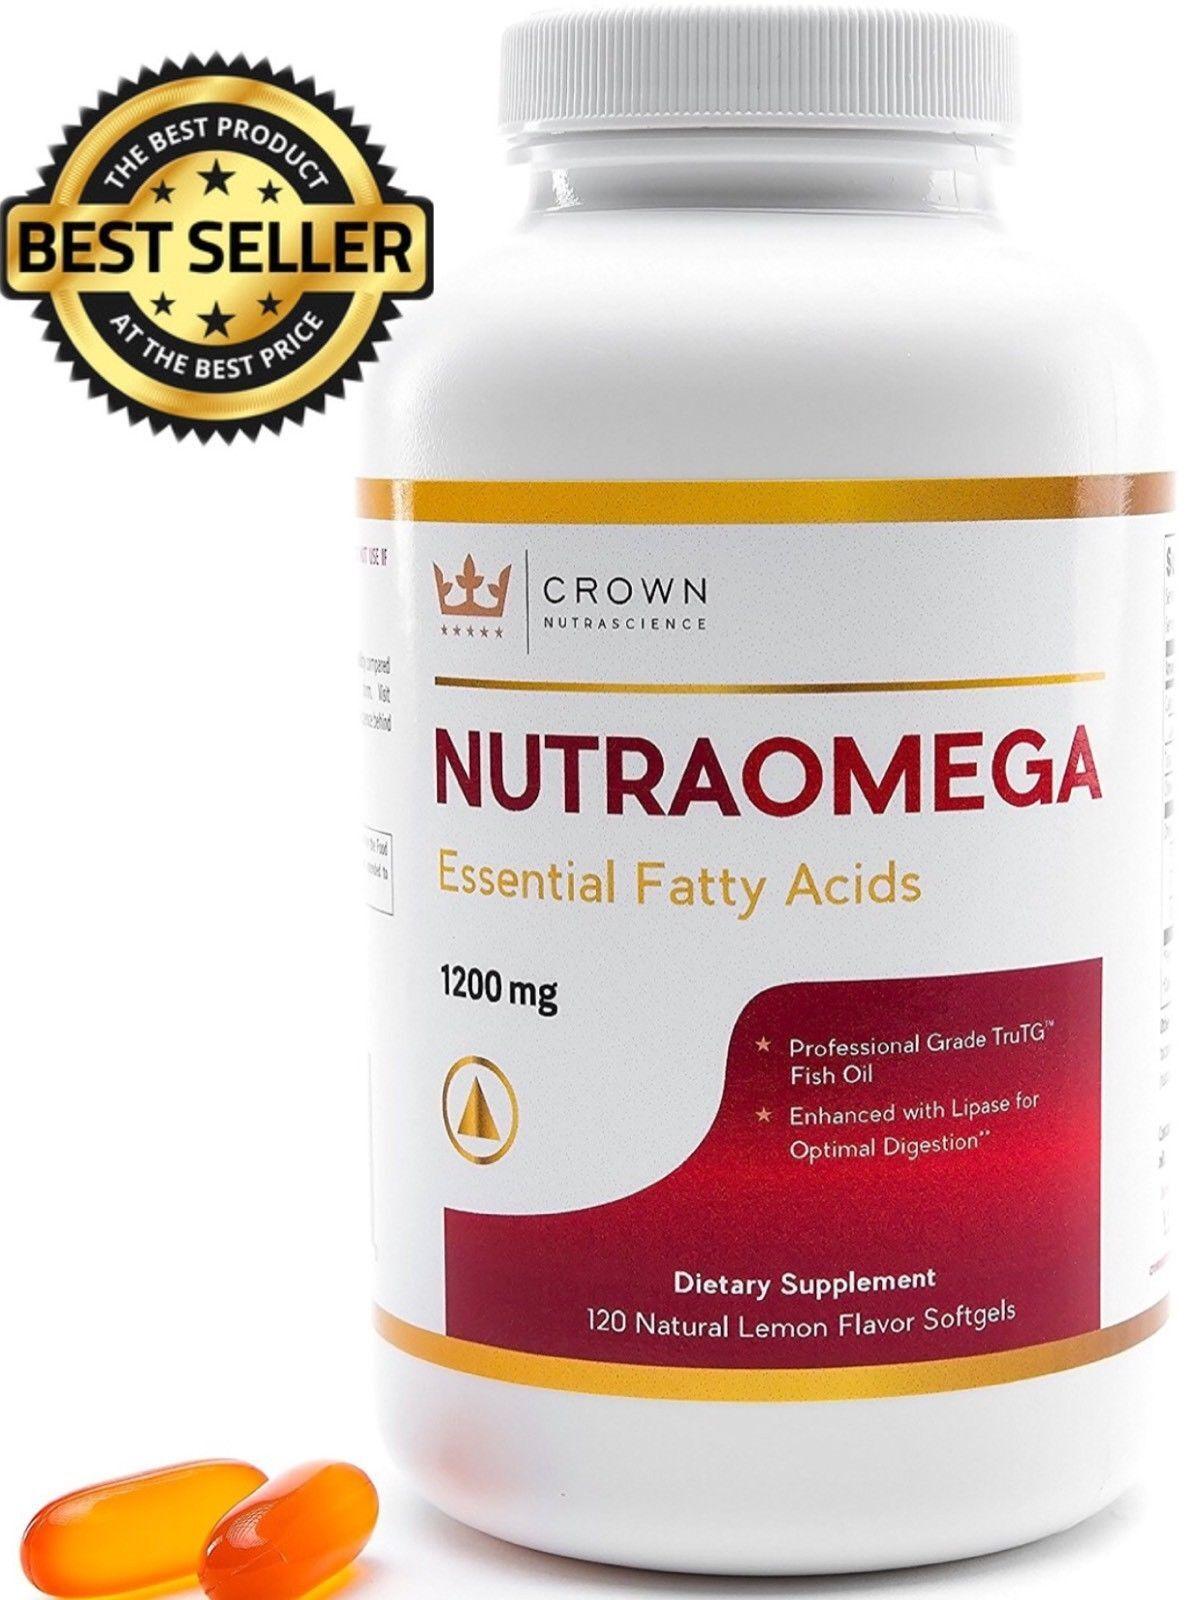 Omega 3 Triglyceride Fish Oil 1200mg NutraOmega Essential Fa